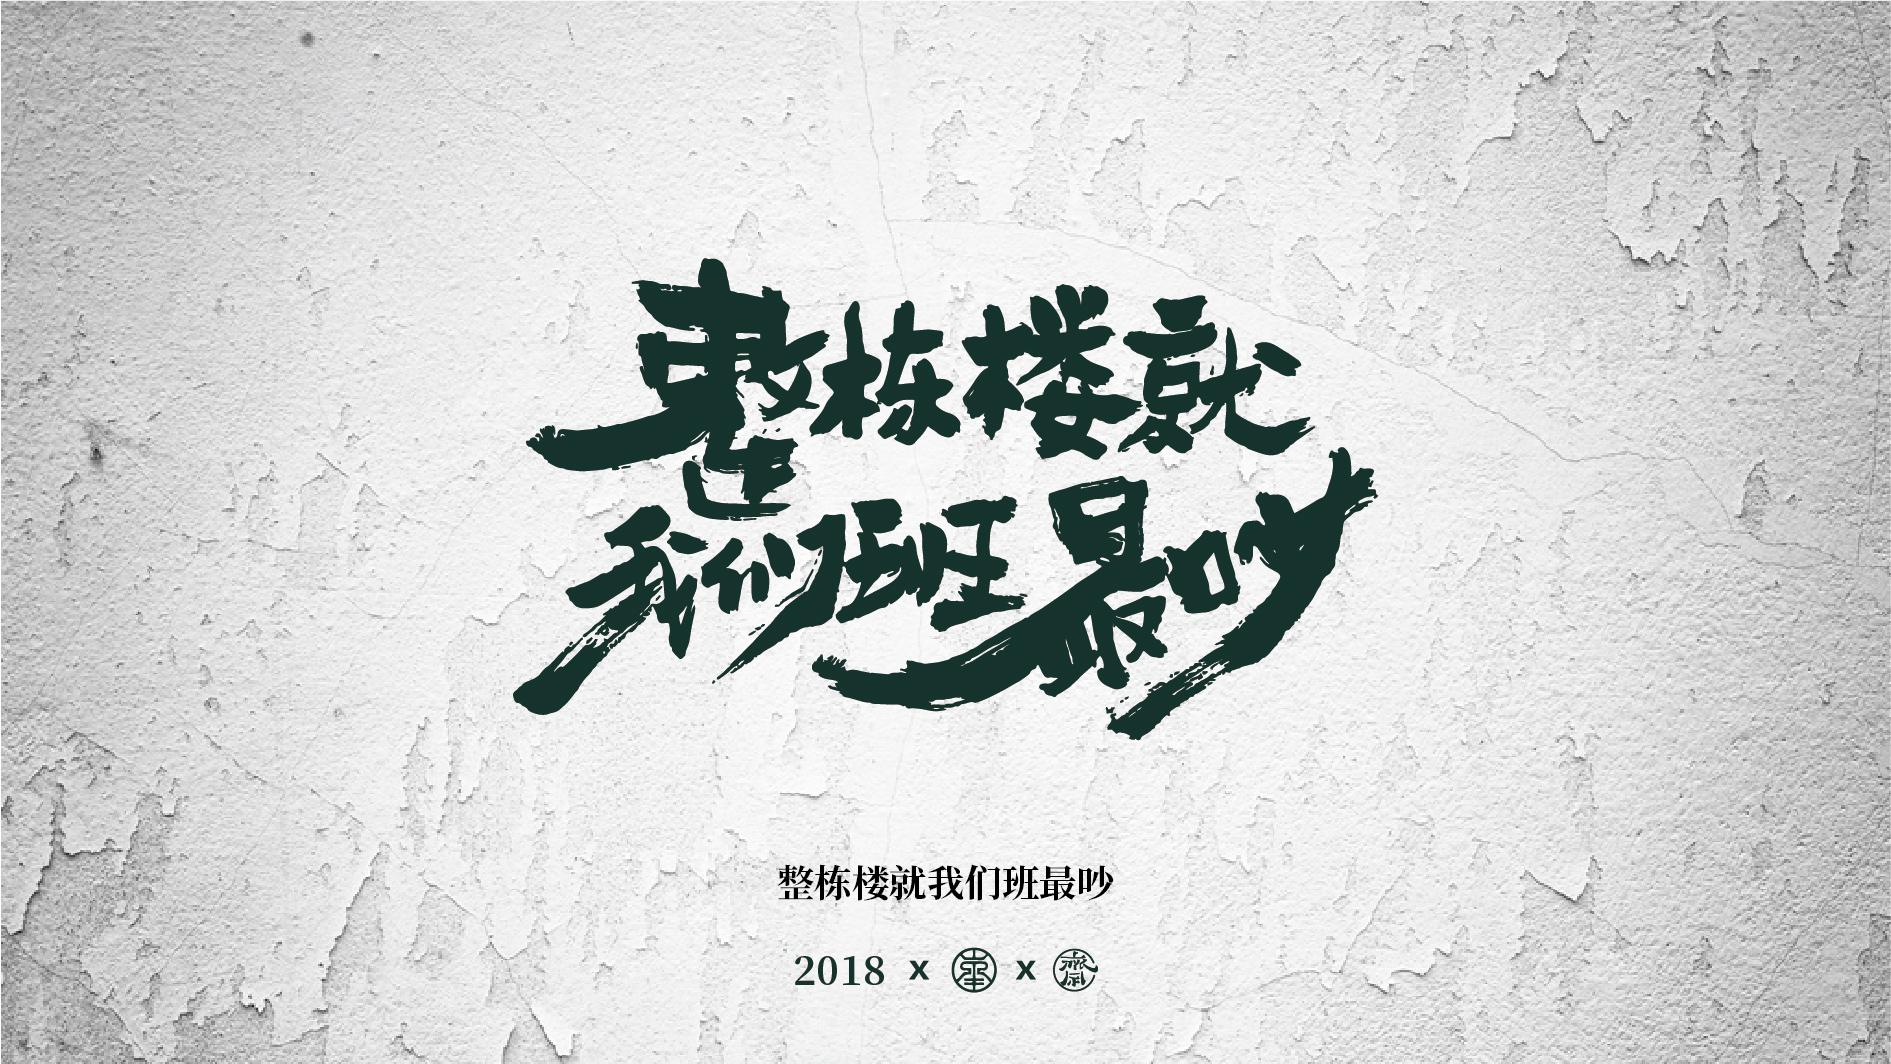 超超大神手写毛笔字第1波 之教师节系列插图(13)